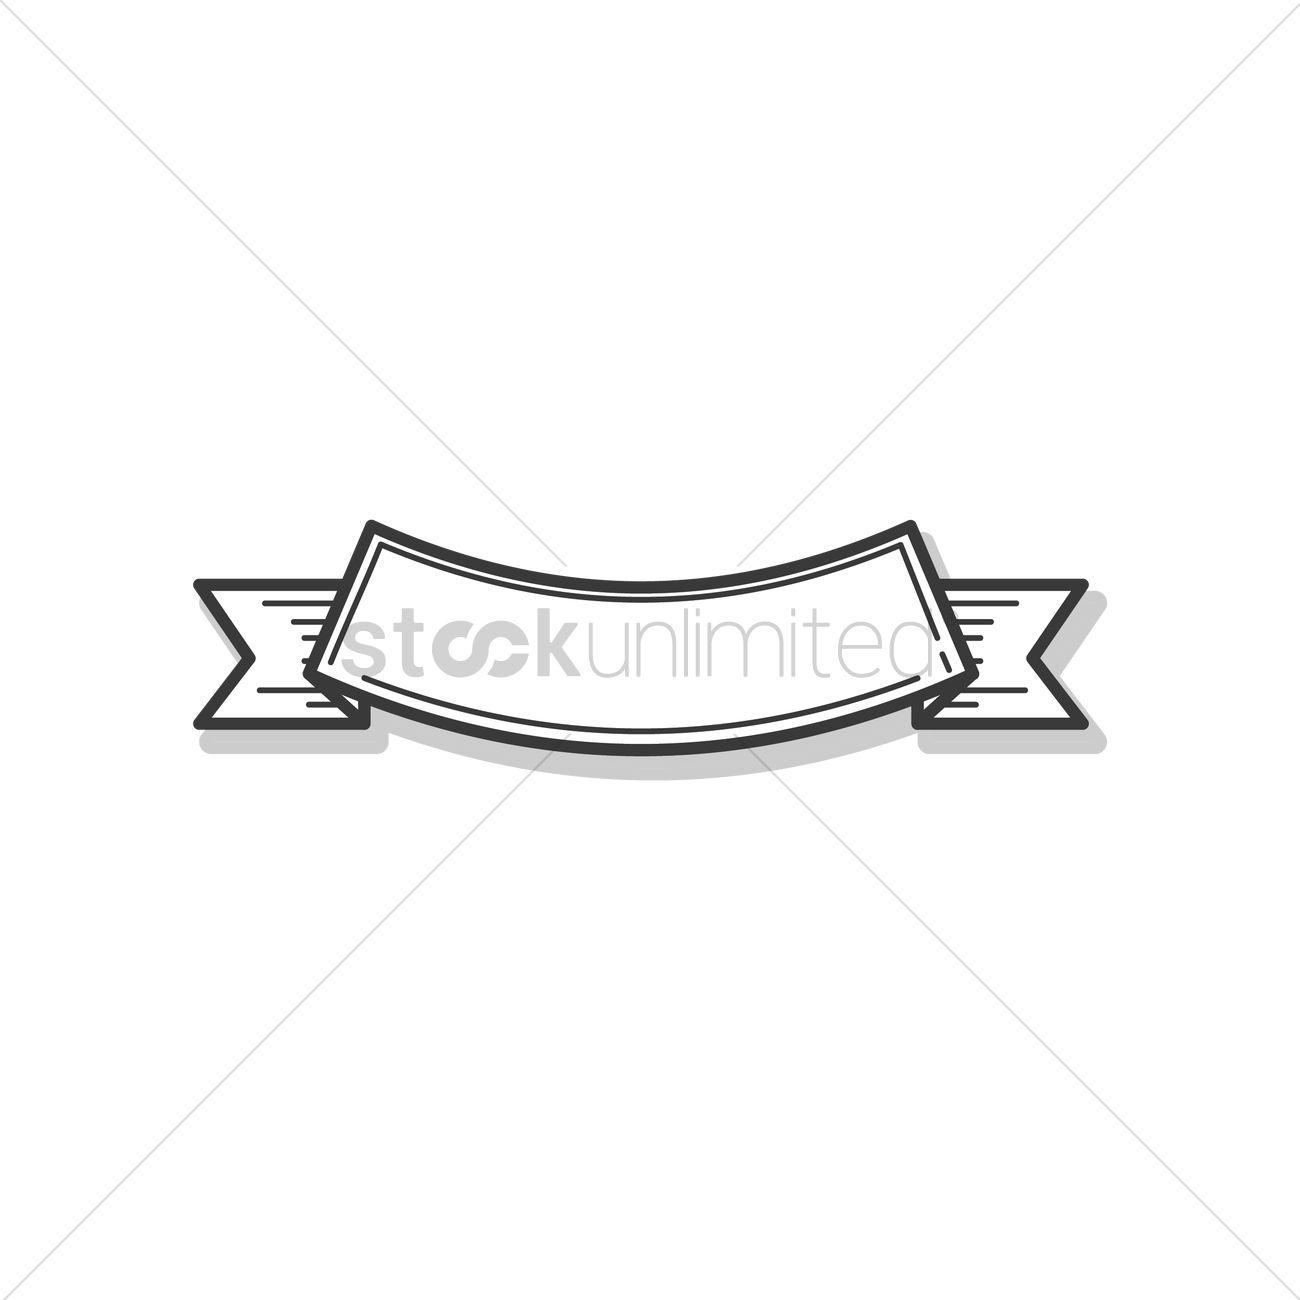 Ribbon Banner Outline Design Vector Image